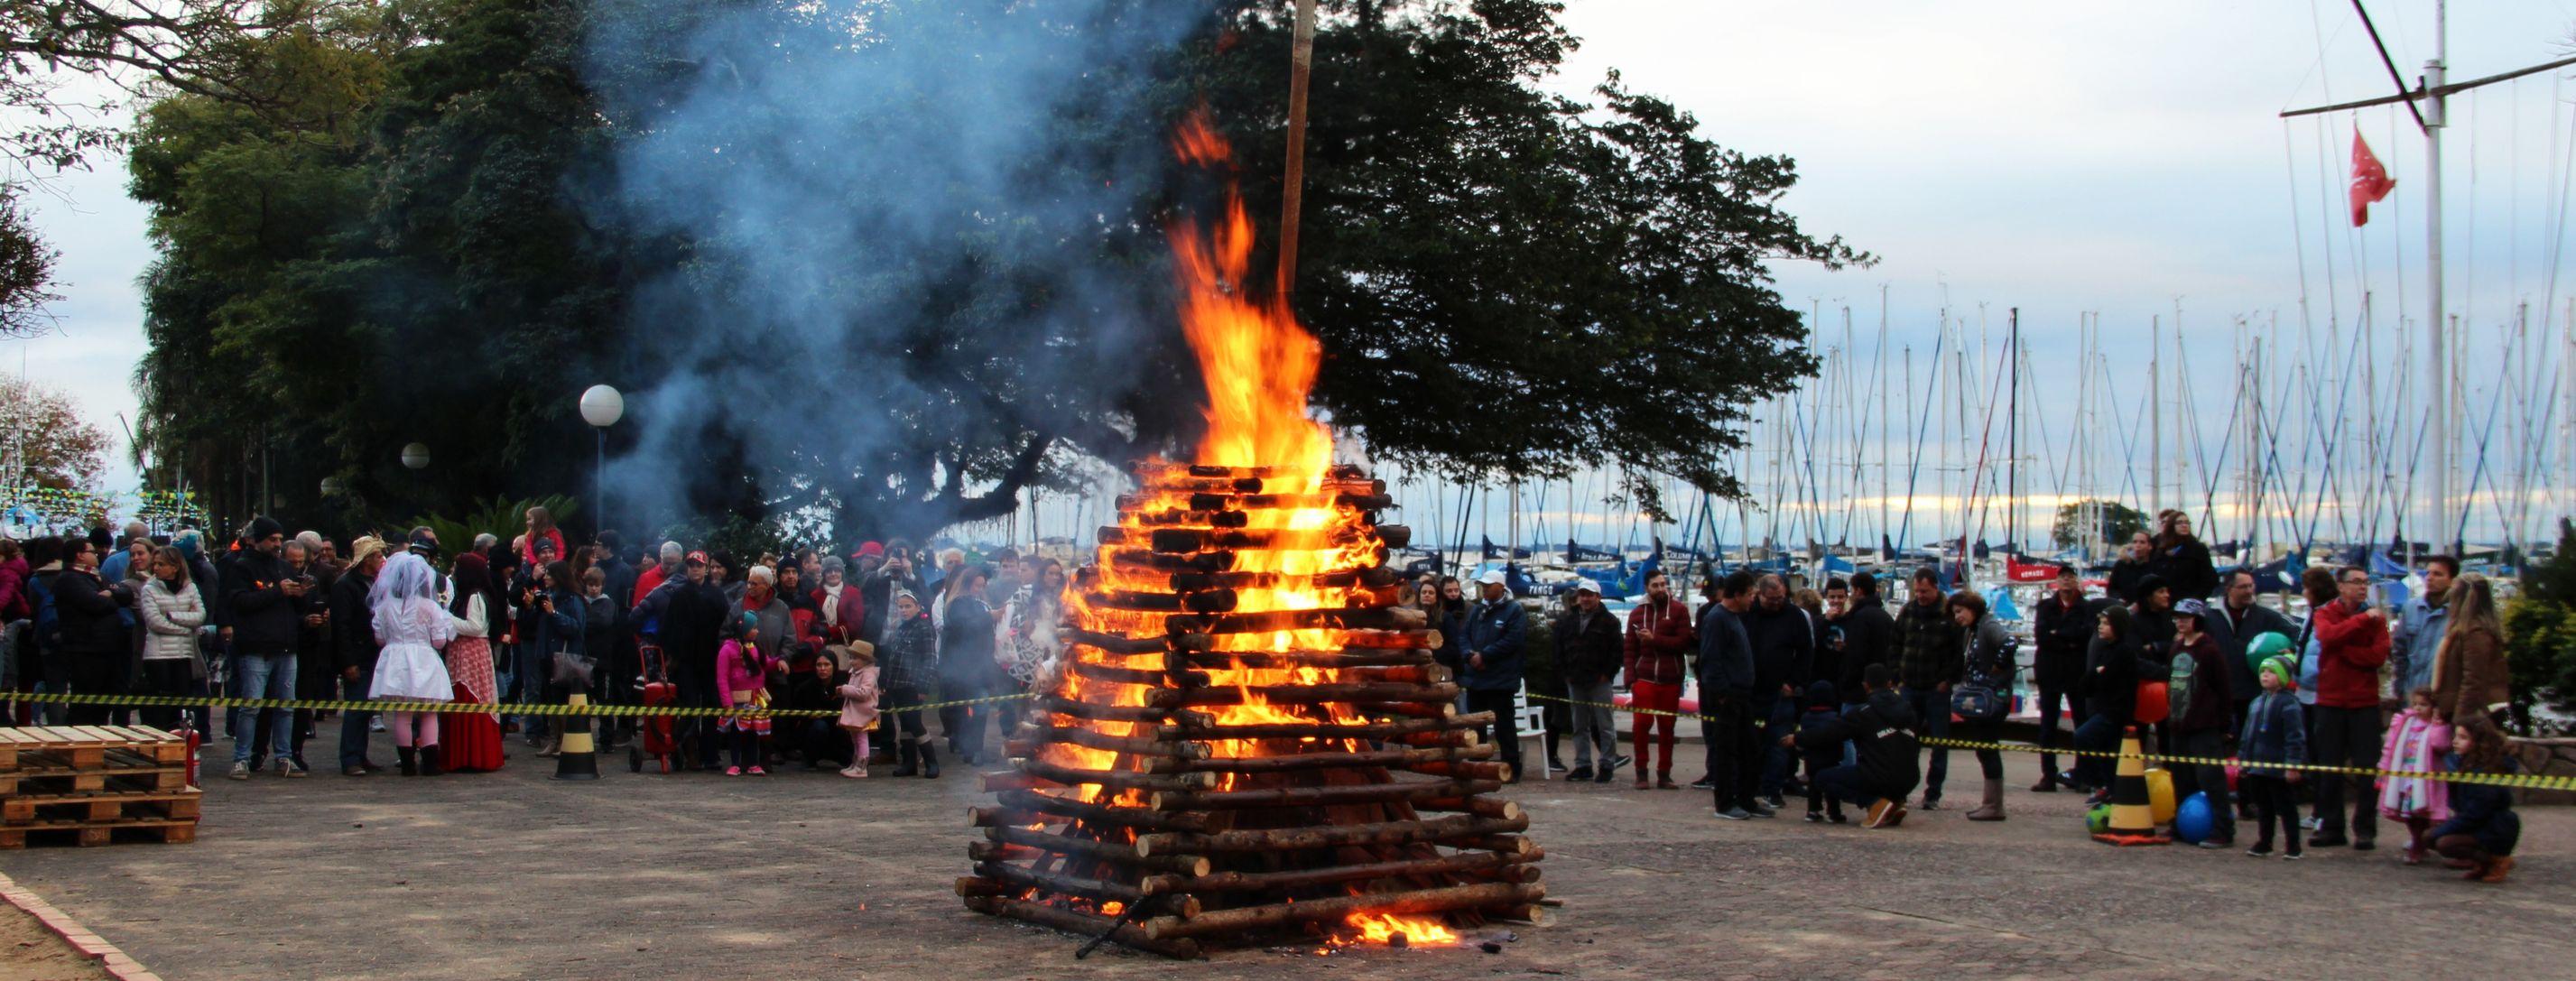 Festa São João esquentou o domingo de inverno no VDS